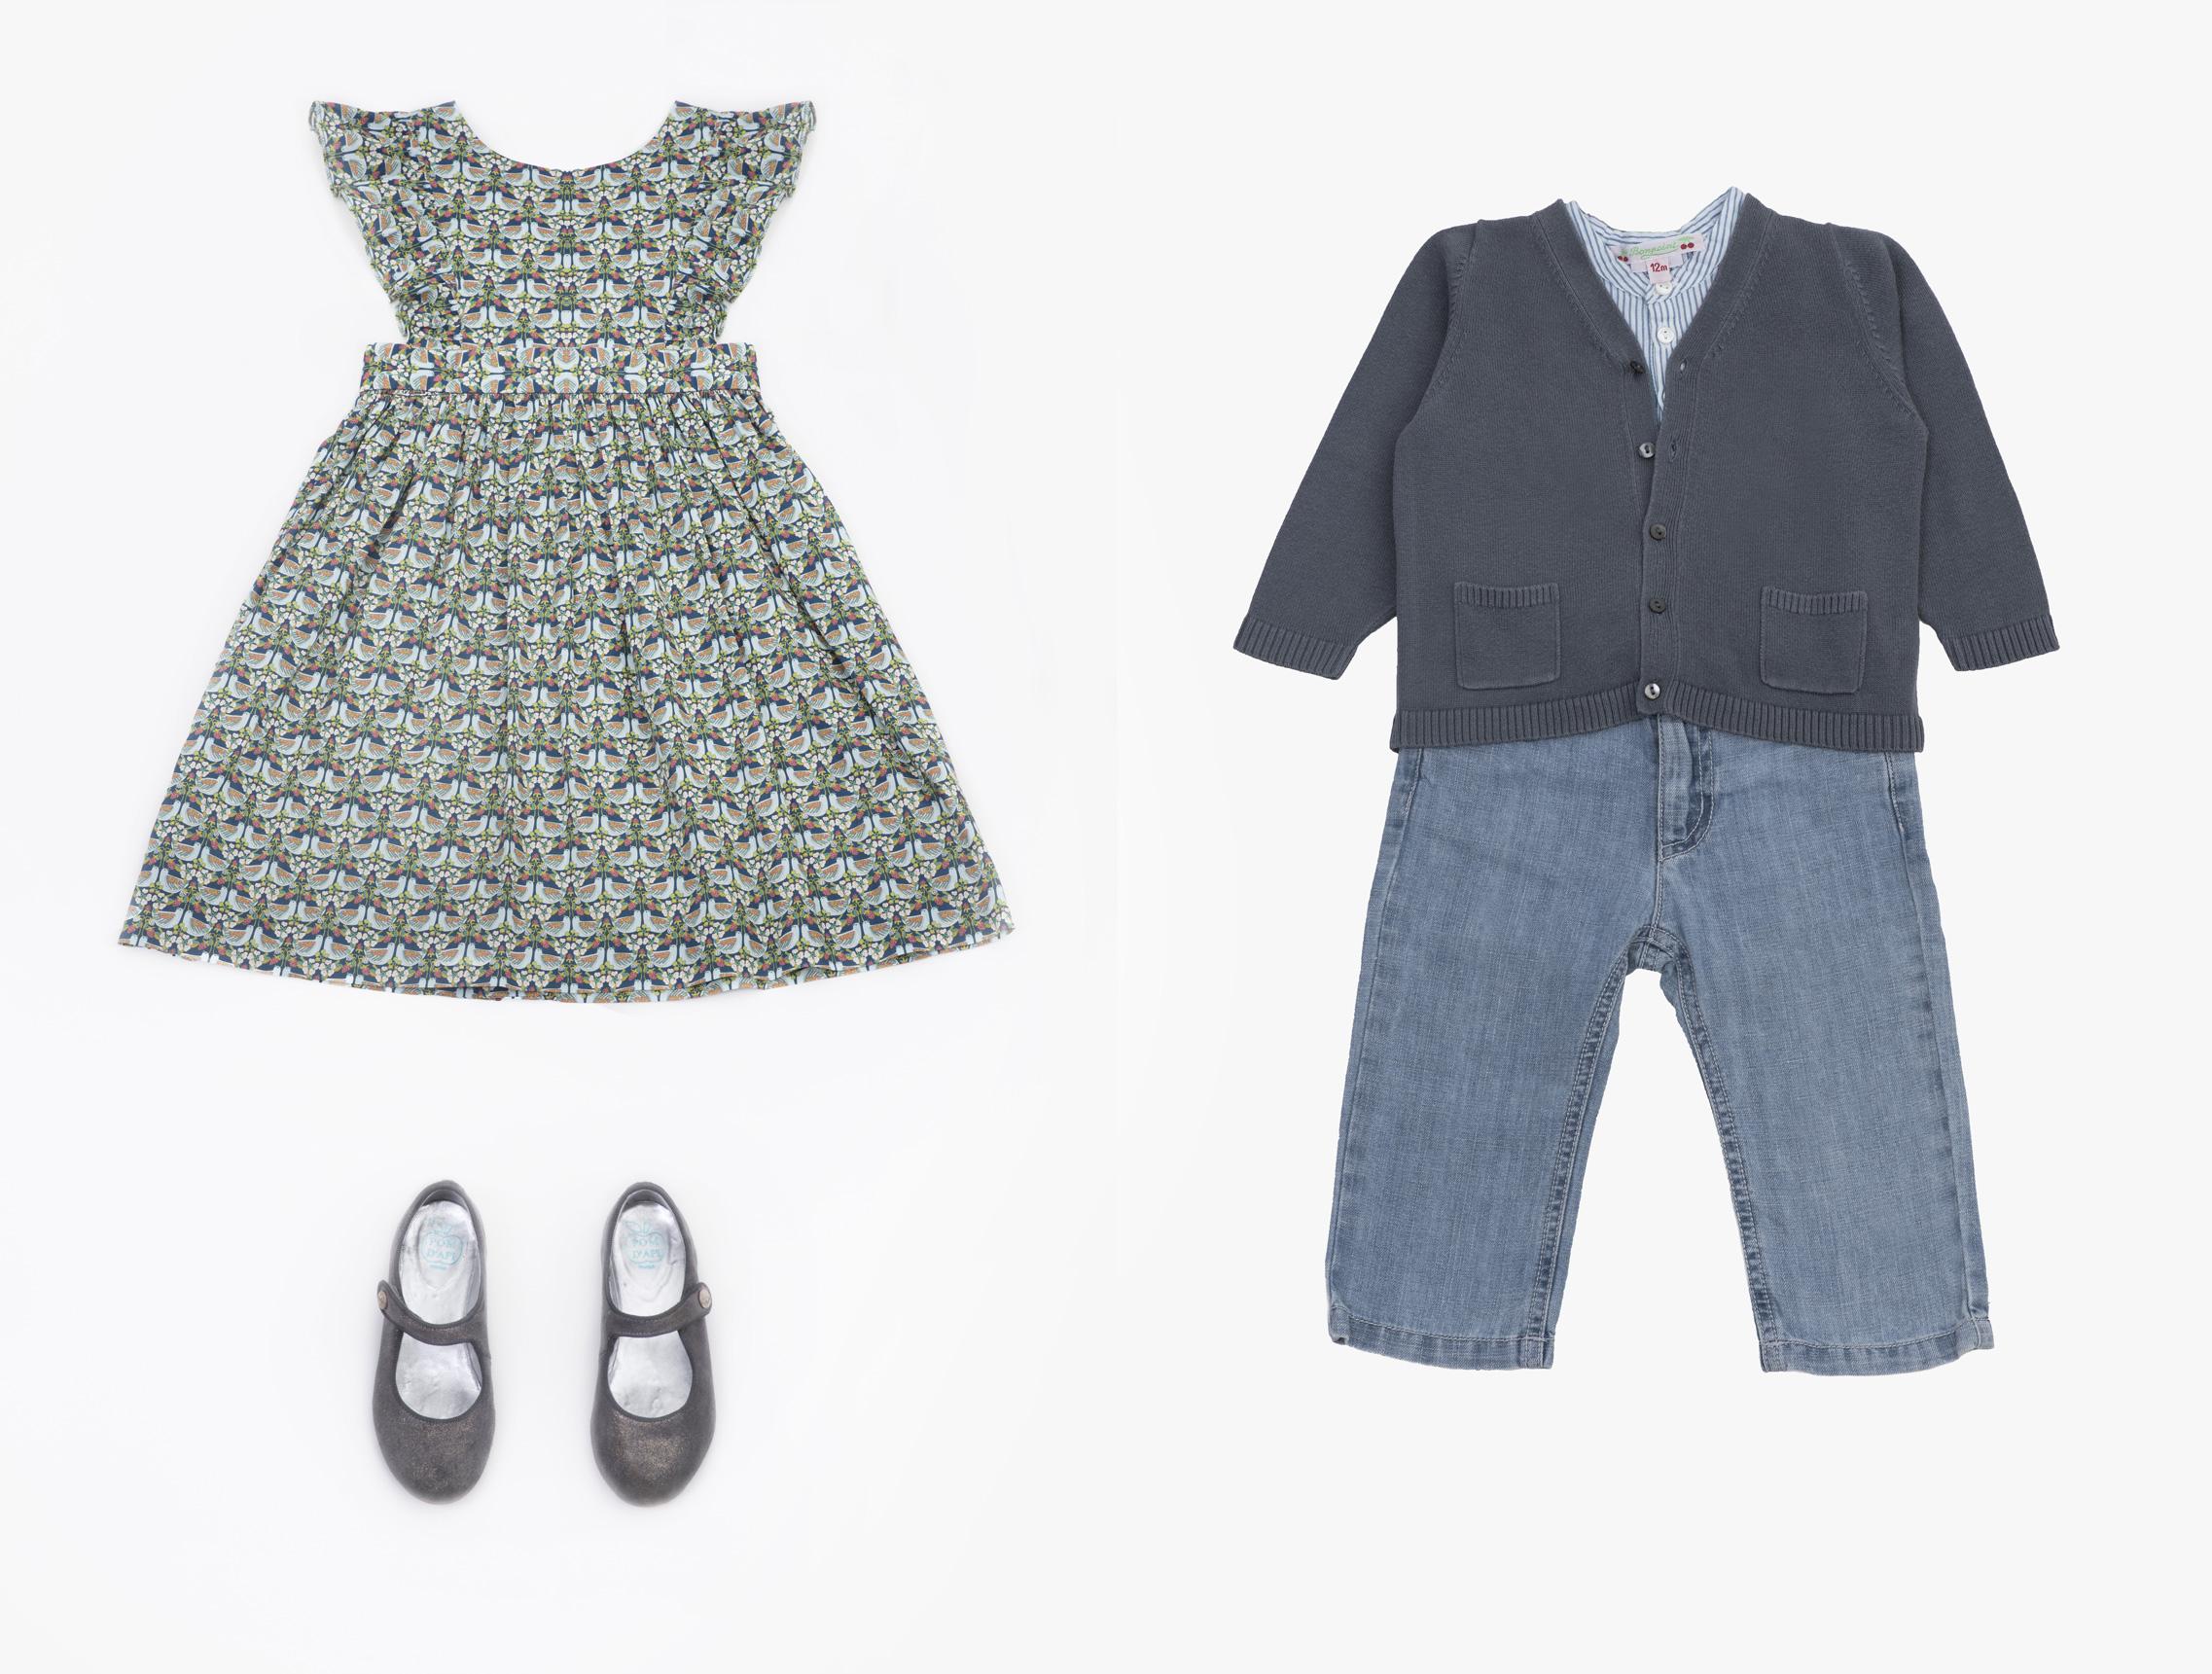 ad6d68390968 Vêtements enfants et bébés d occasion grandes marques - Bonage